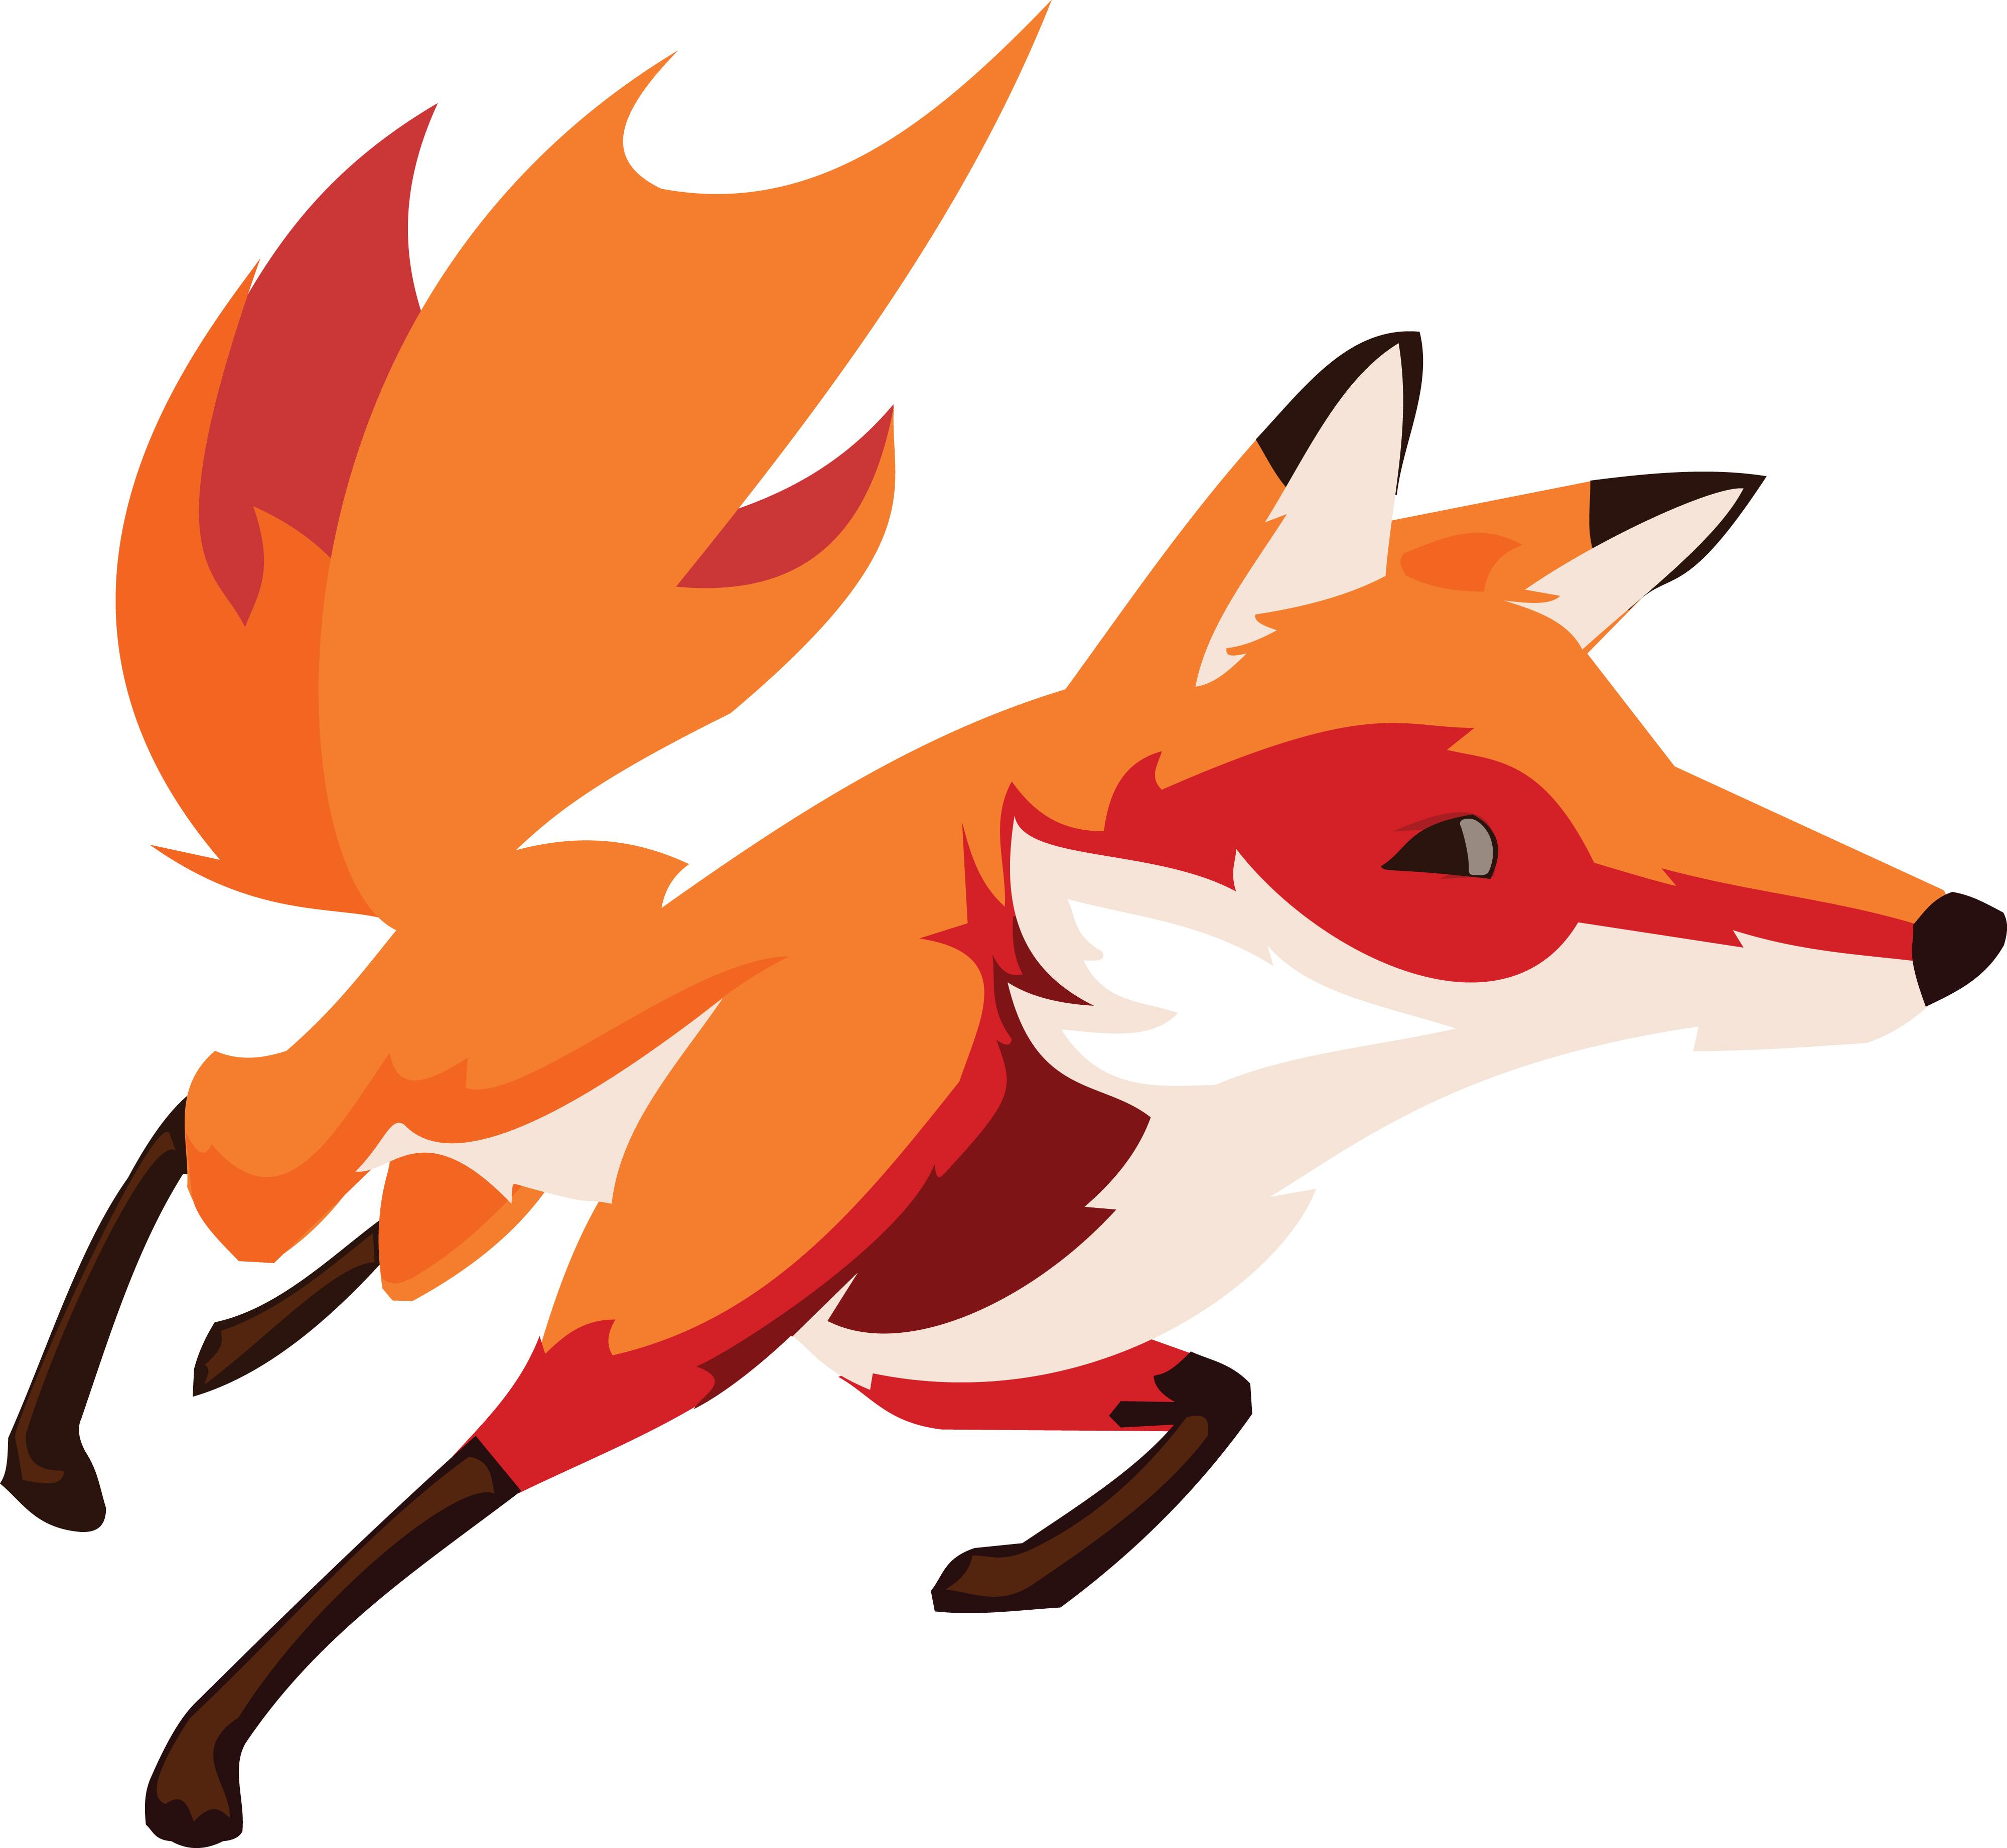 4000x3684 Clipart Of A Running Fox